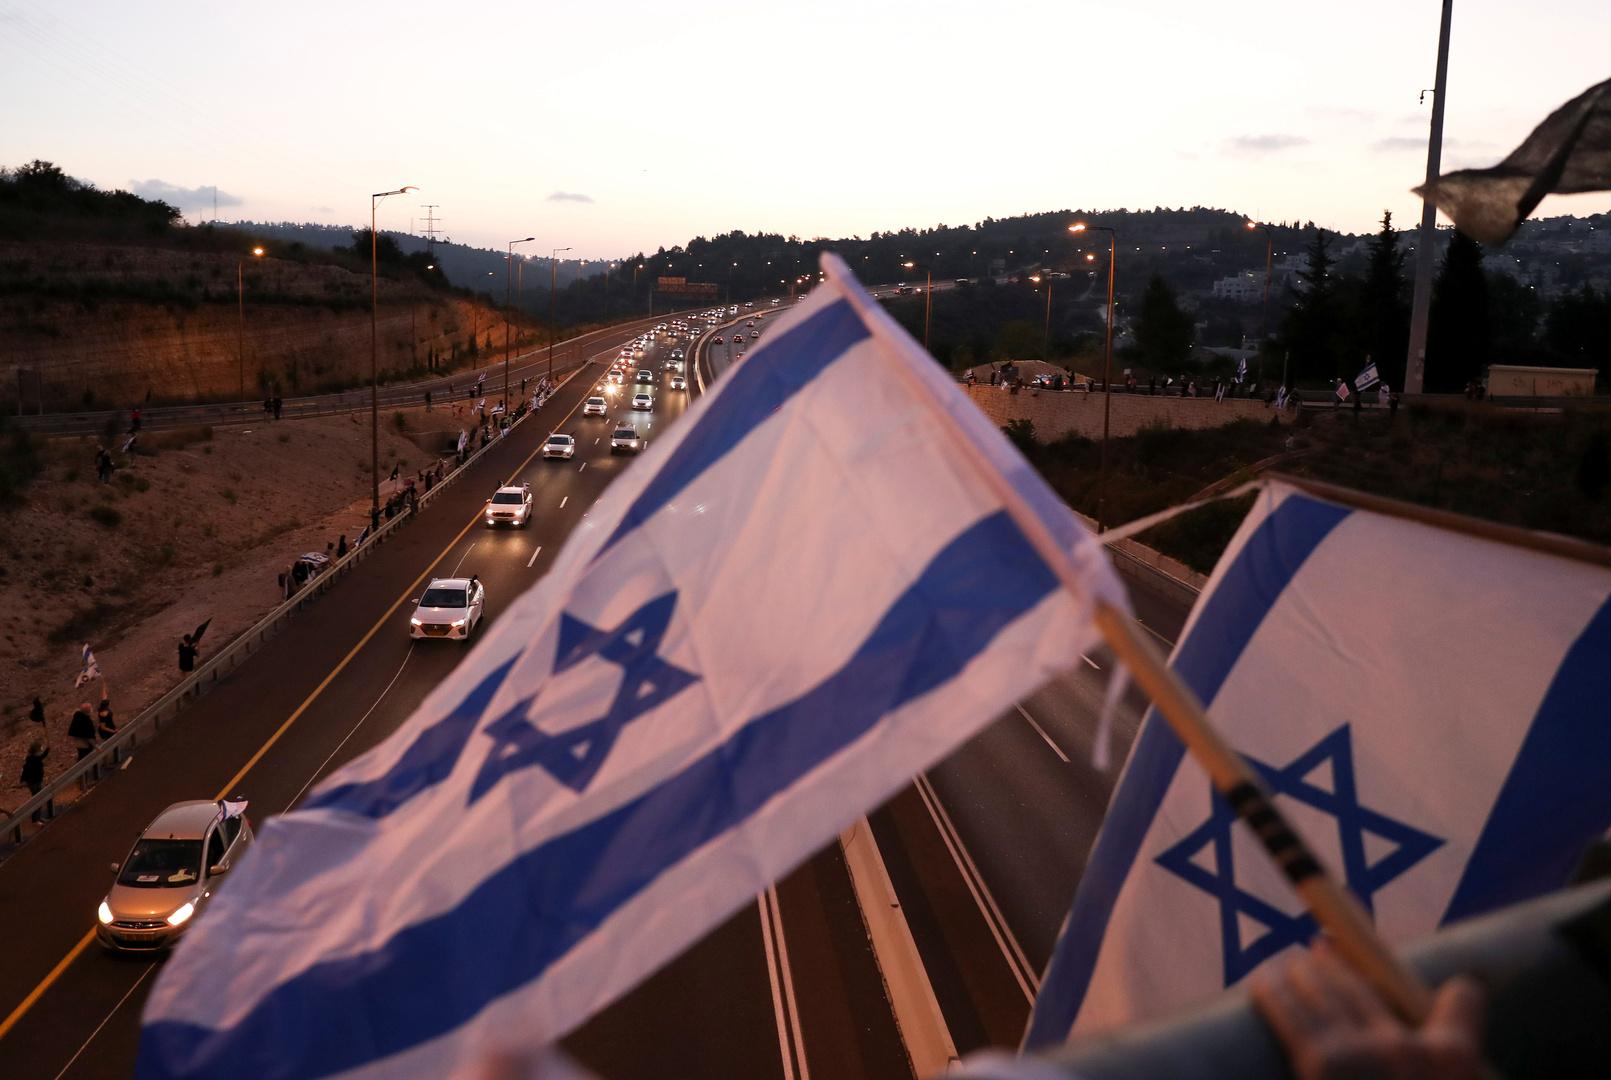 أعلام إسرائيلية